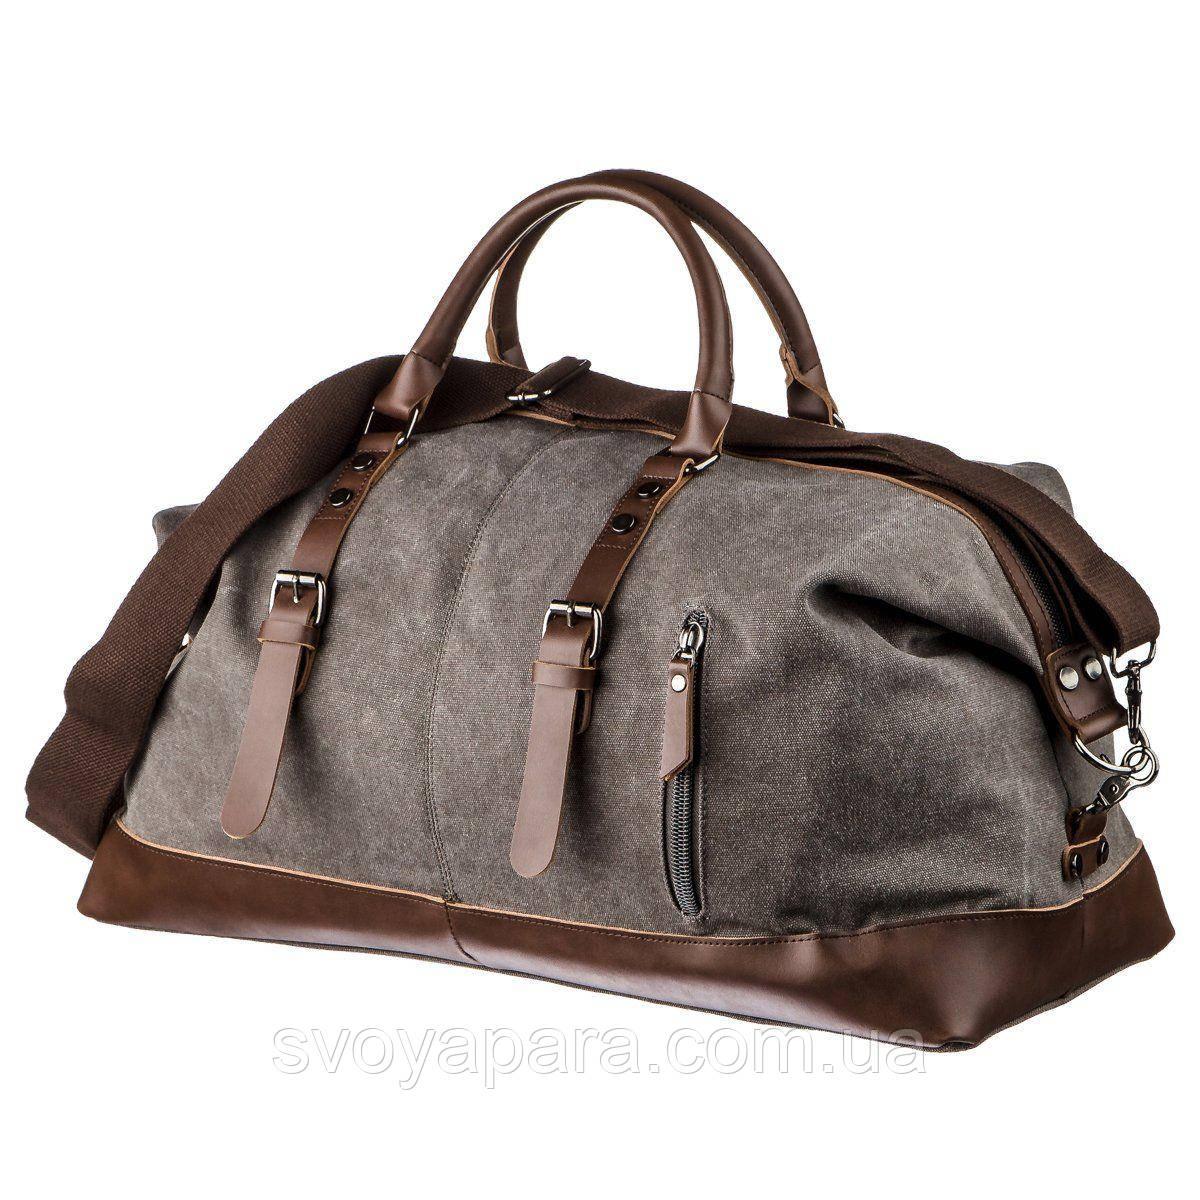 Дорожная сумка текстильная большая Vintage 20165 Серая